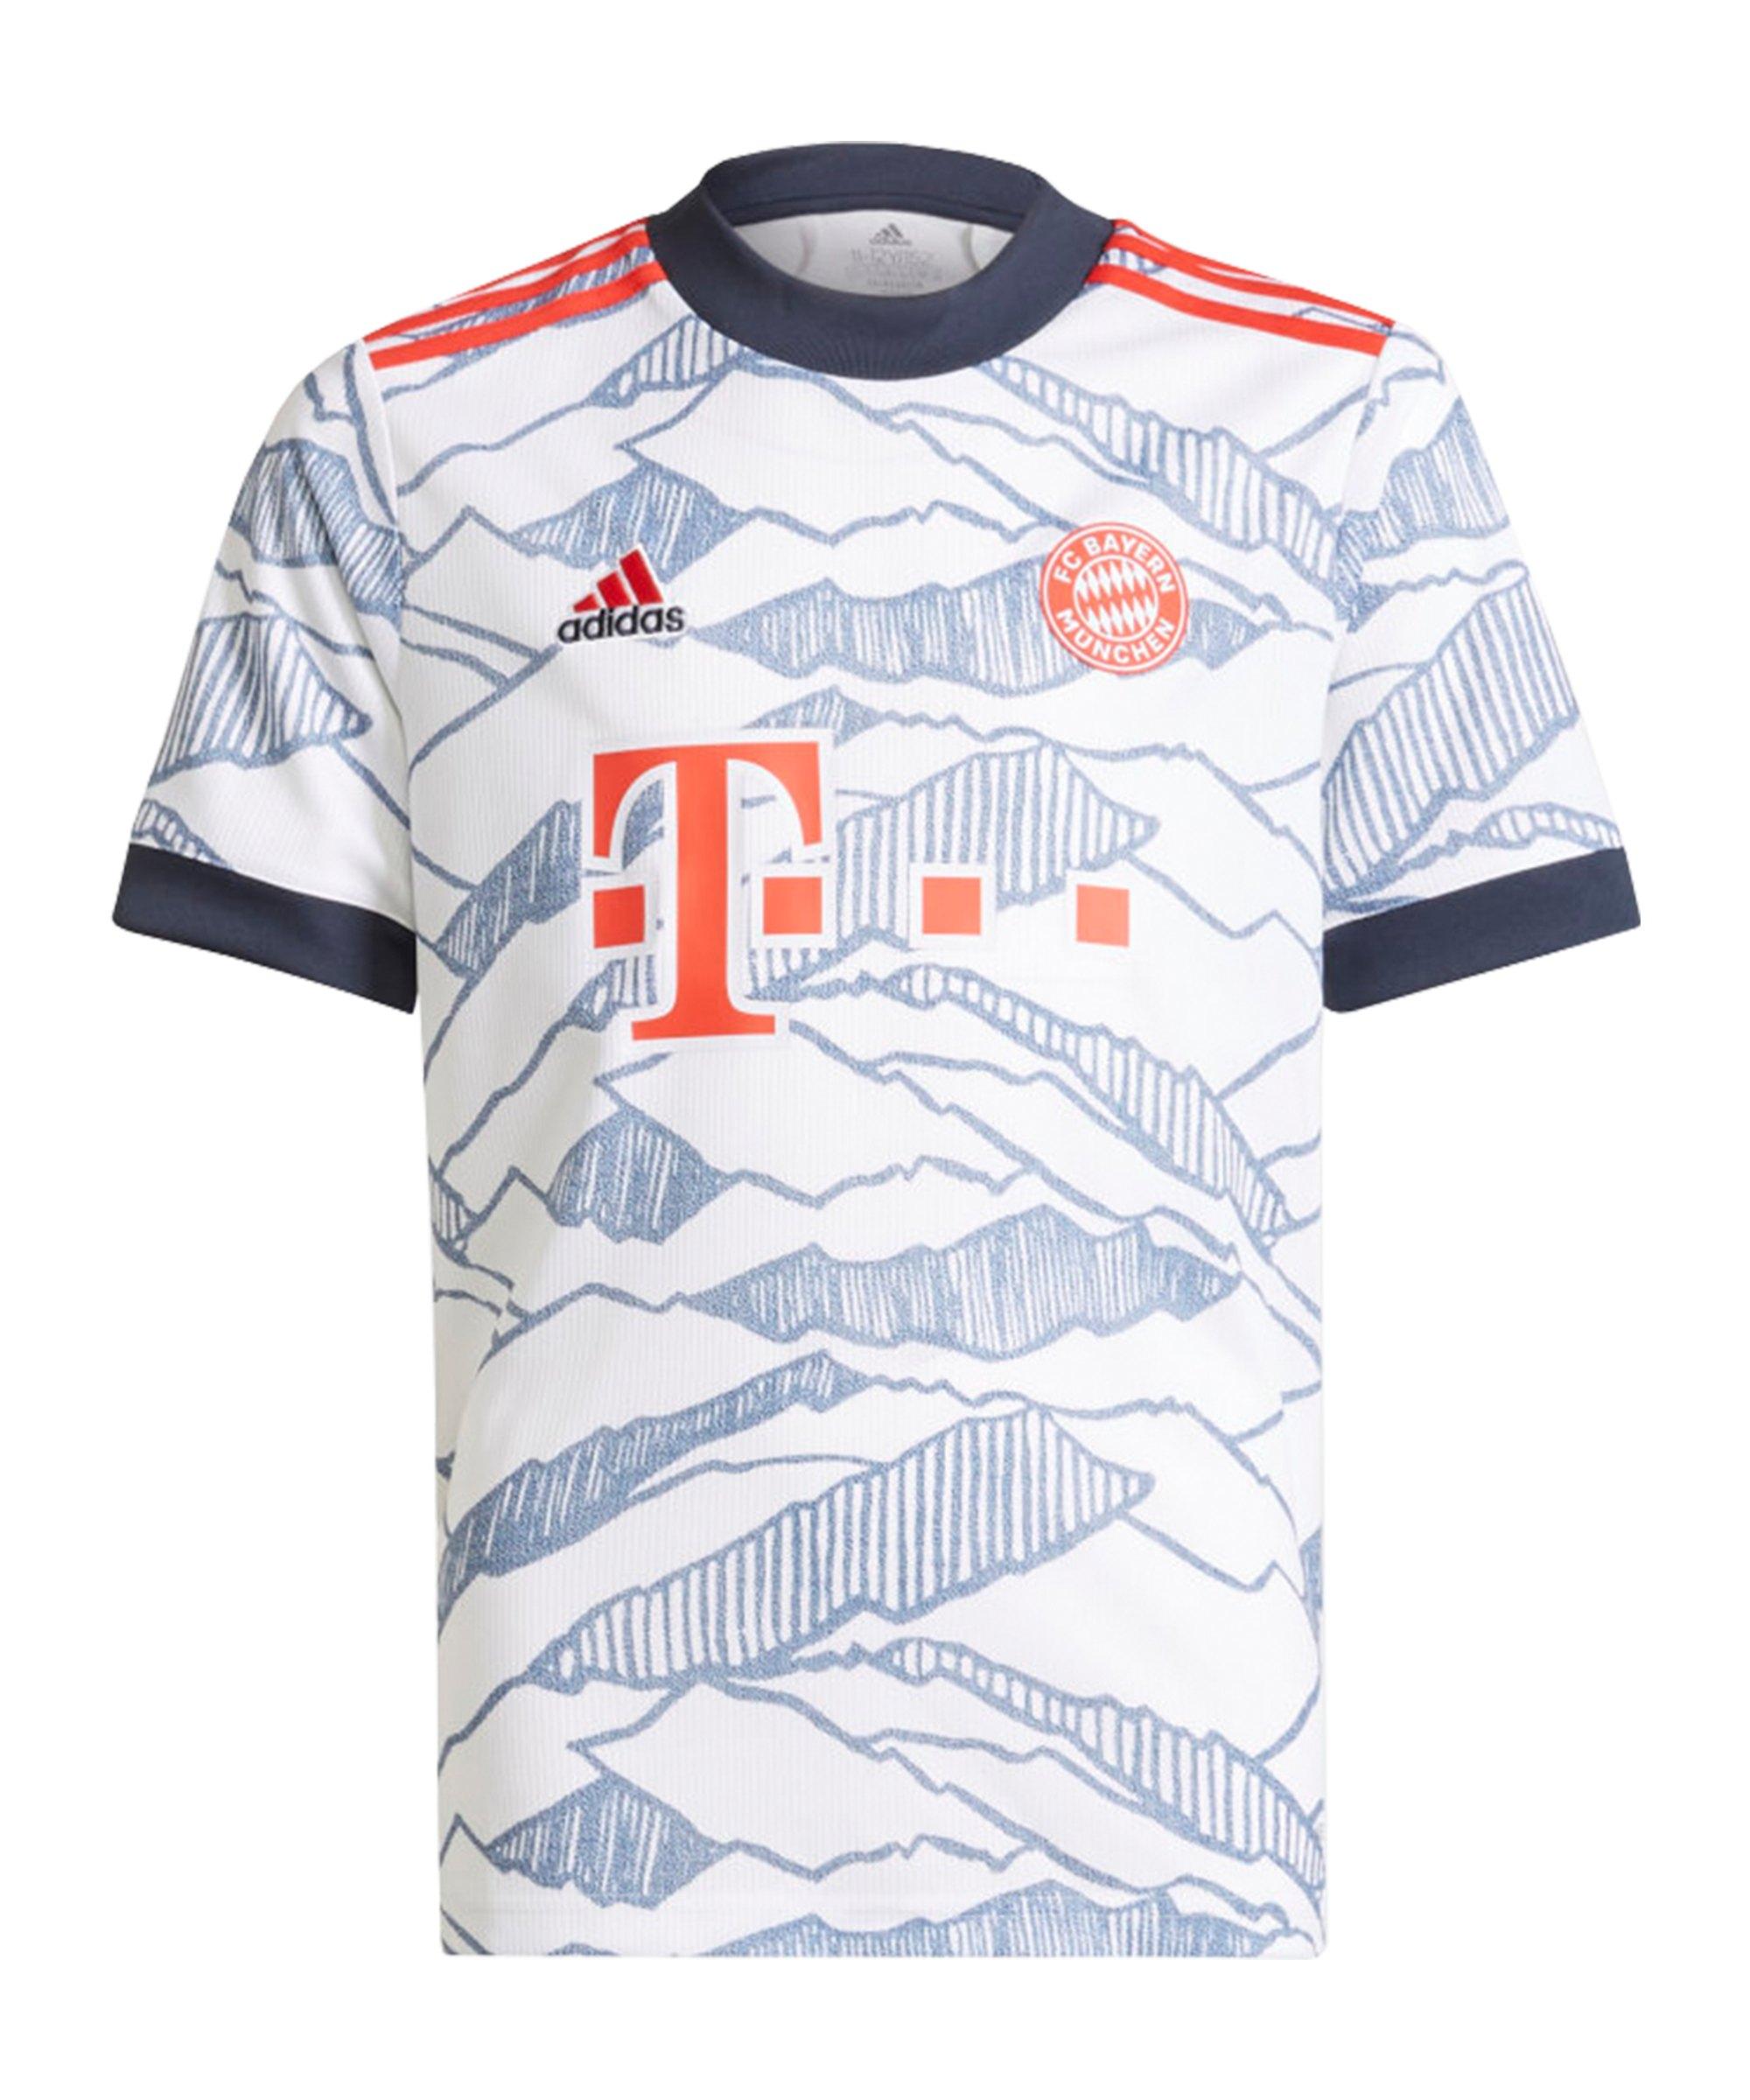 adidas FC Bayern München Trikot UCL 2021/2022 Kids Weiss - weiss